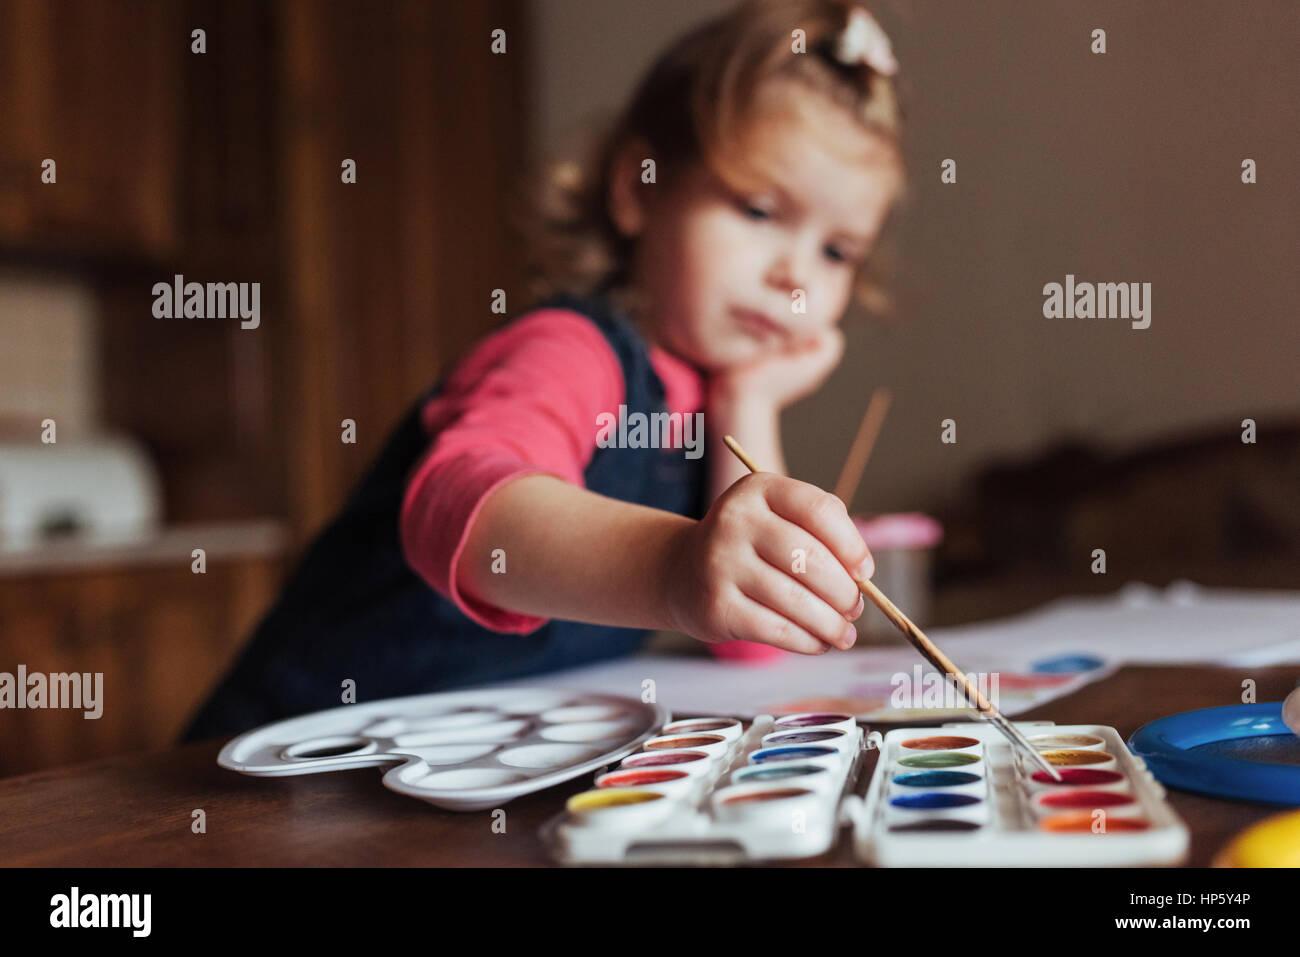 Carino felice bambina, adorabile preschooler, pittura con wate Immagini Stock